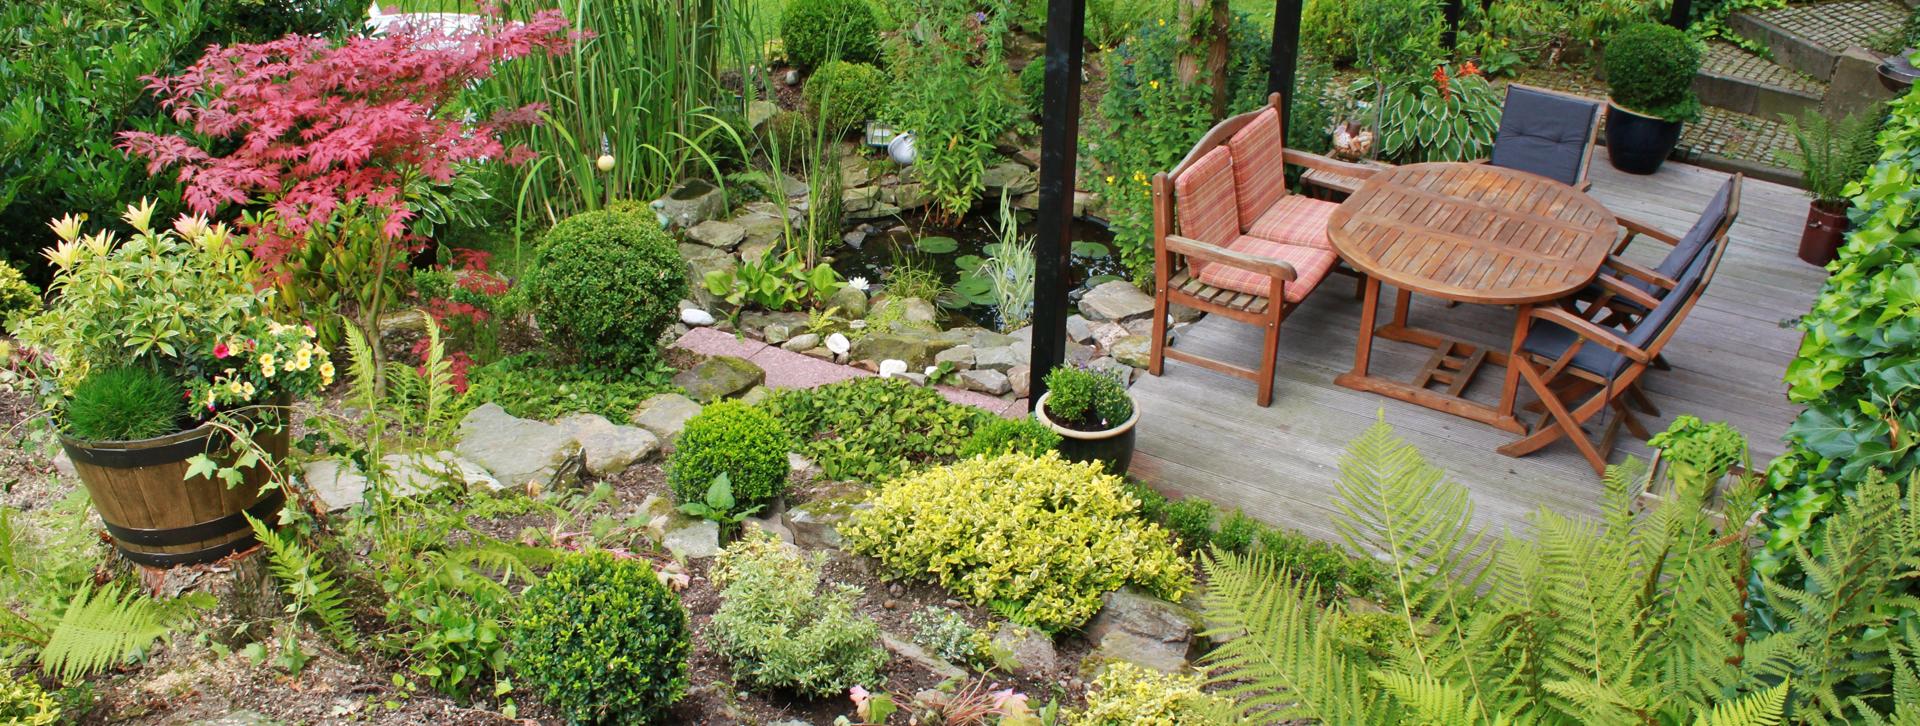 庭院景观解决方案